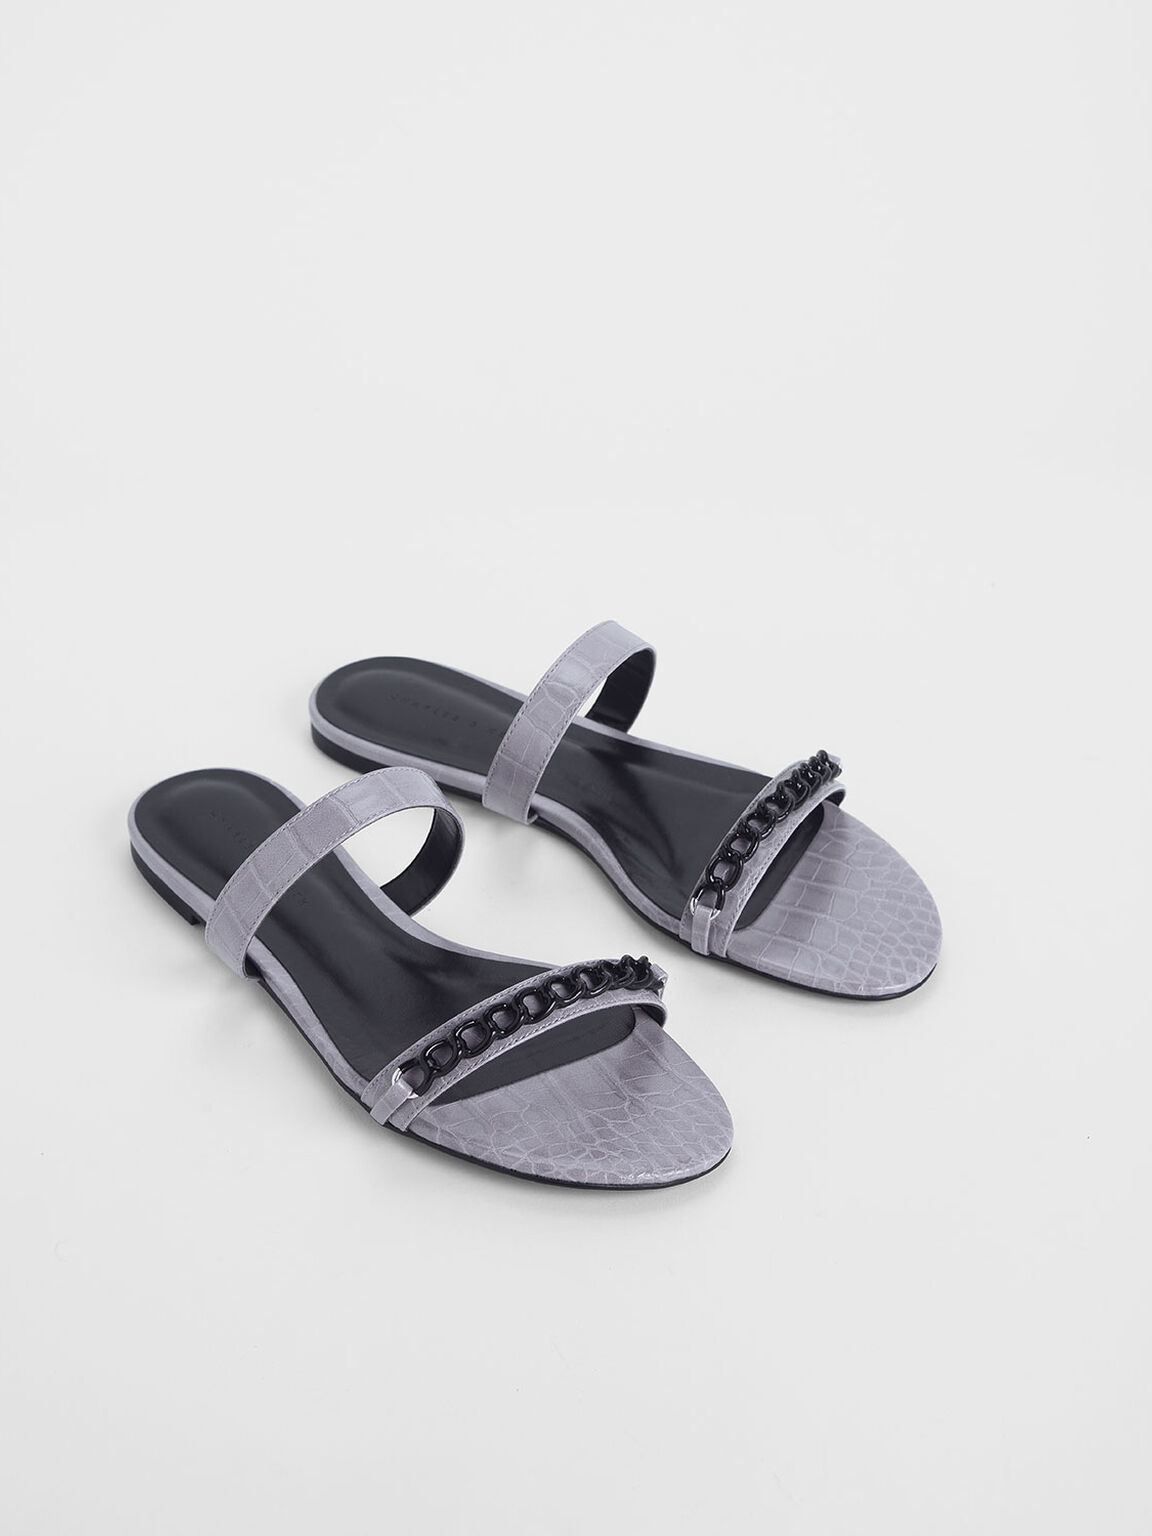 Croc-Effect Chain Detail Double Strap Slide Sandals, Lilac, hi-res